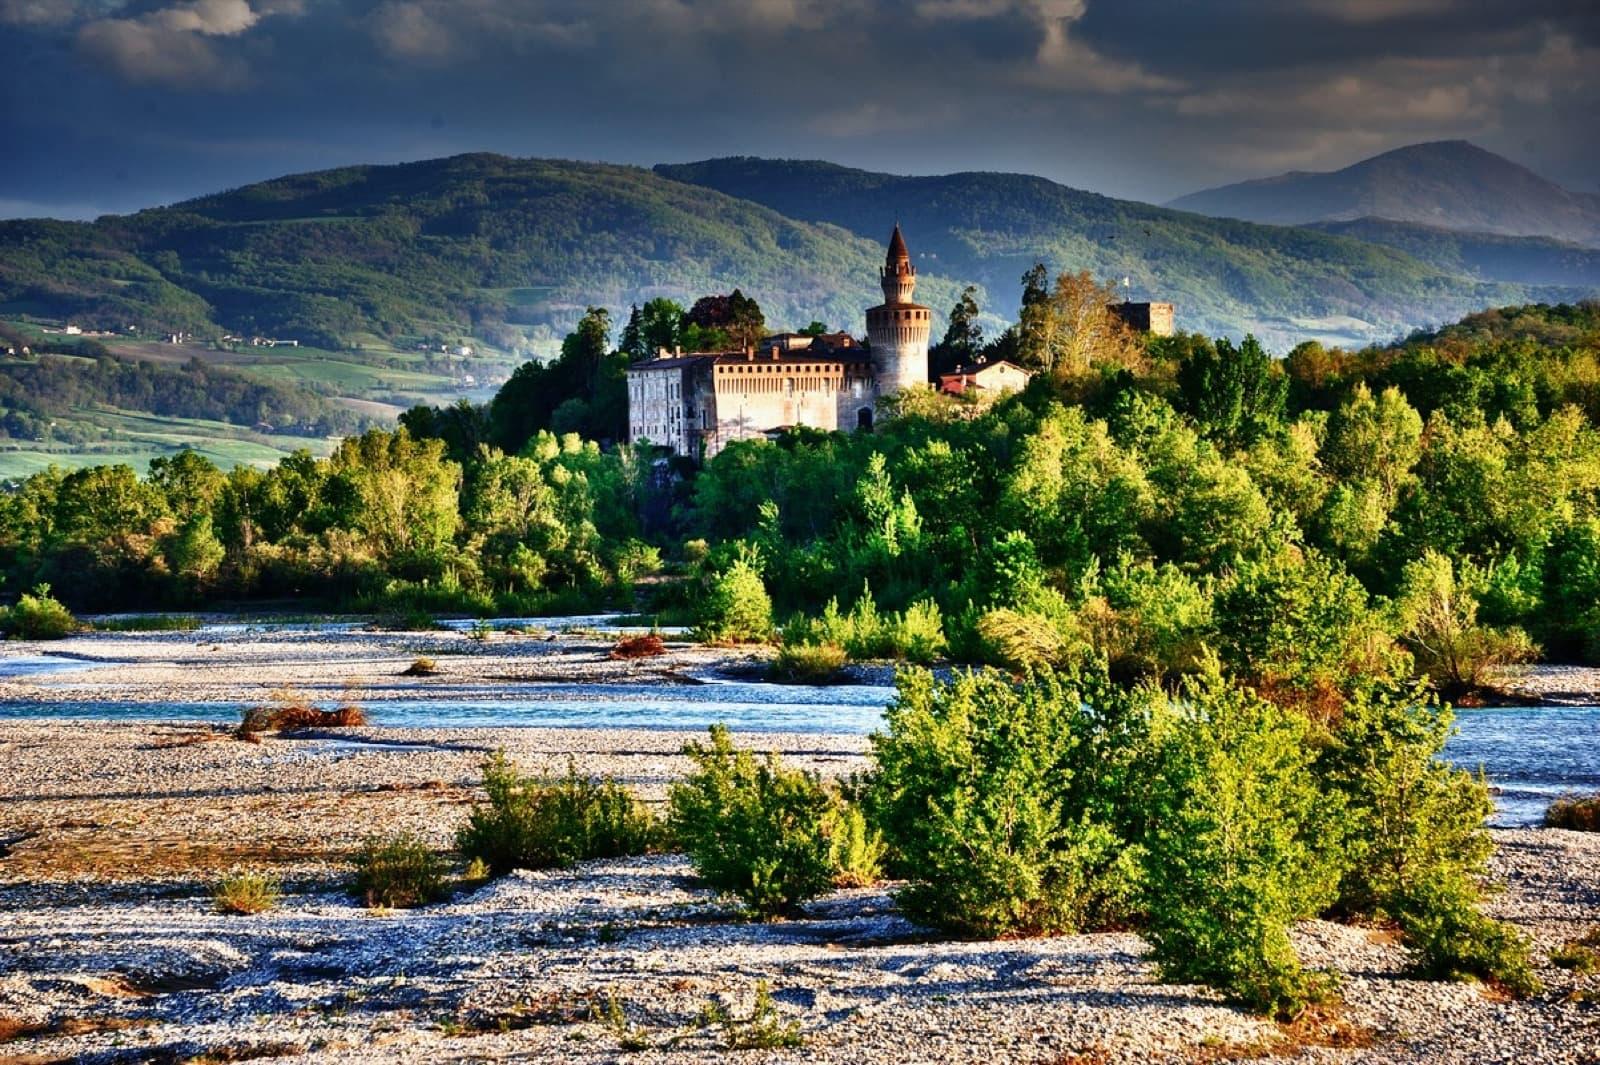 Castello di Rivalta - Castelli del Ducato